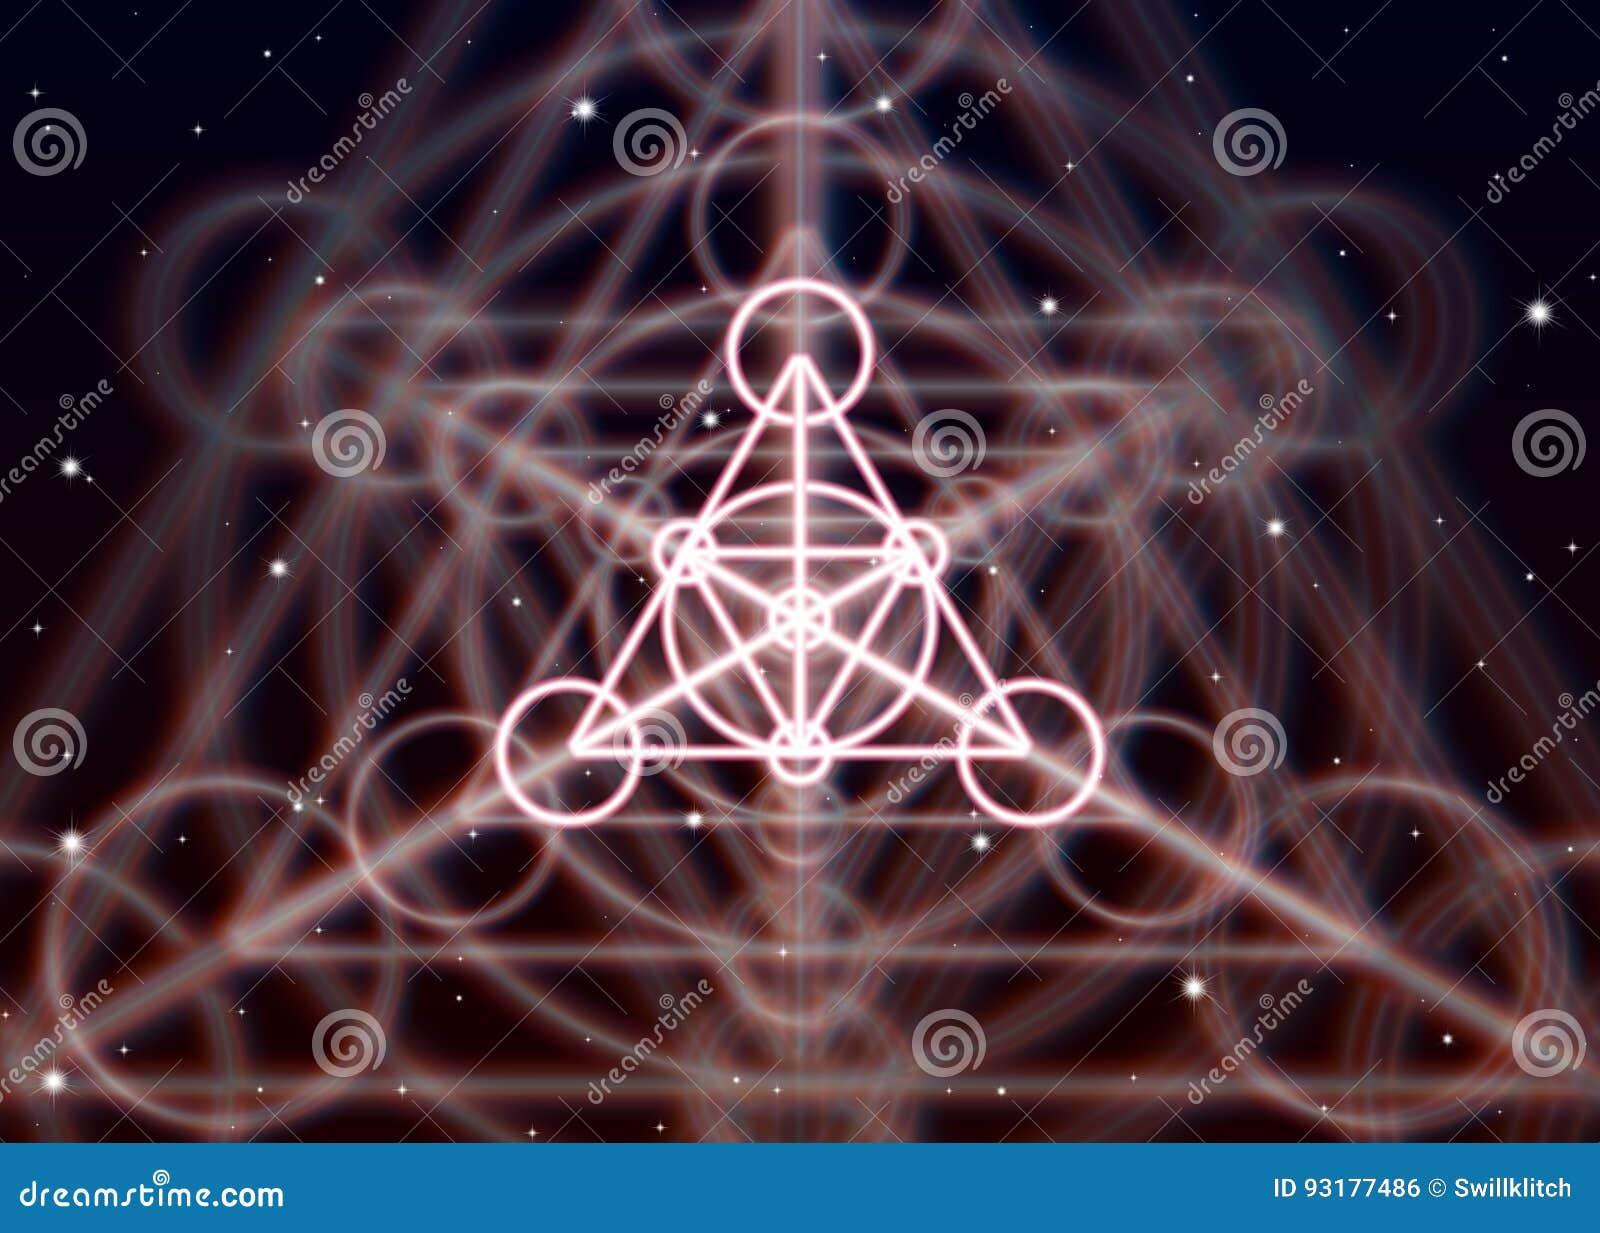 Το μαγικό σύμβολο τριγώνων διαδίδει τη λαμπρή απόκρυφη ενέργεια στο πνευματικό διάστημα